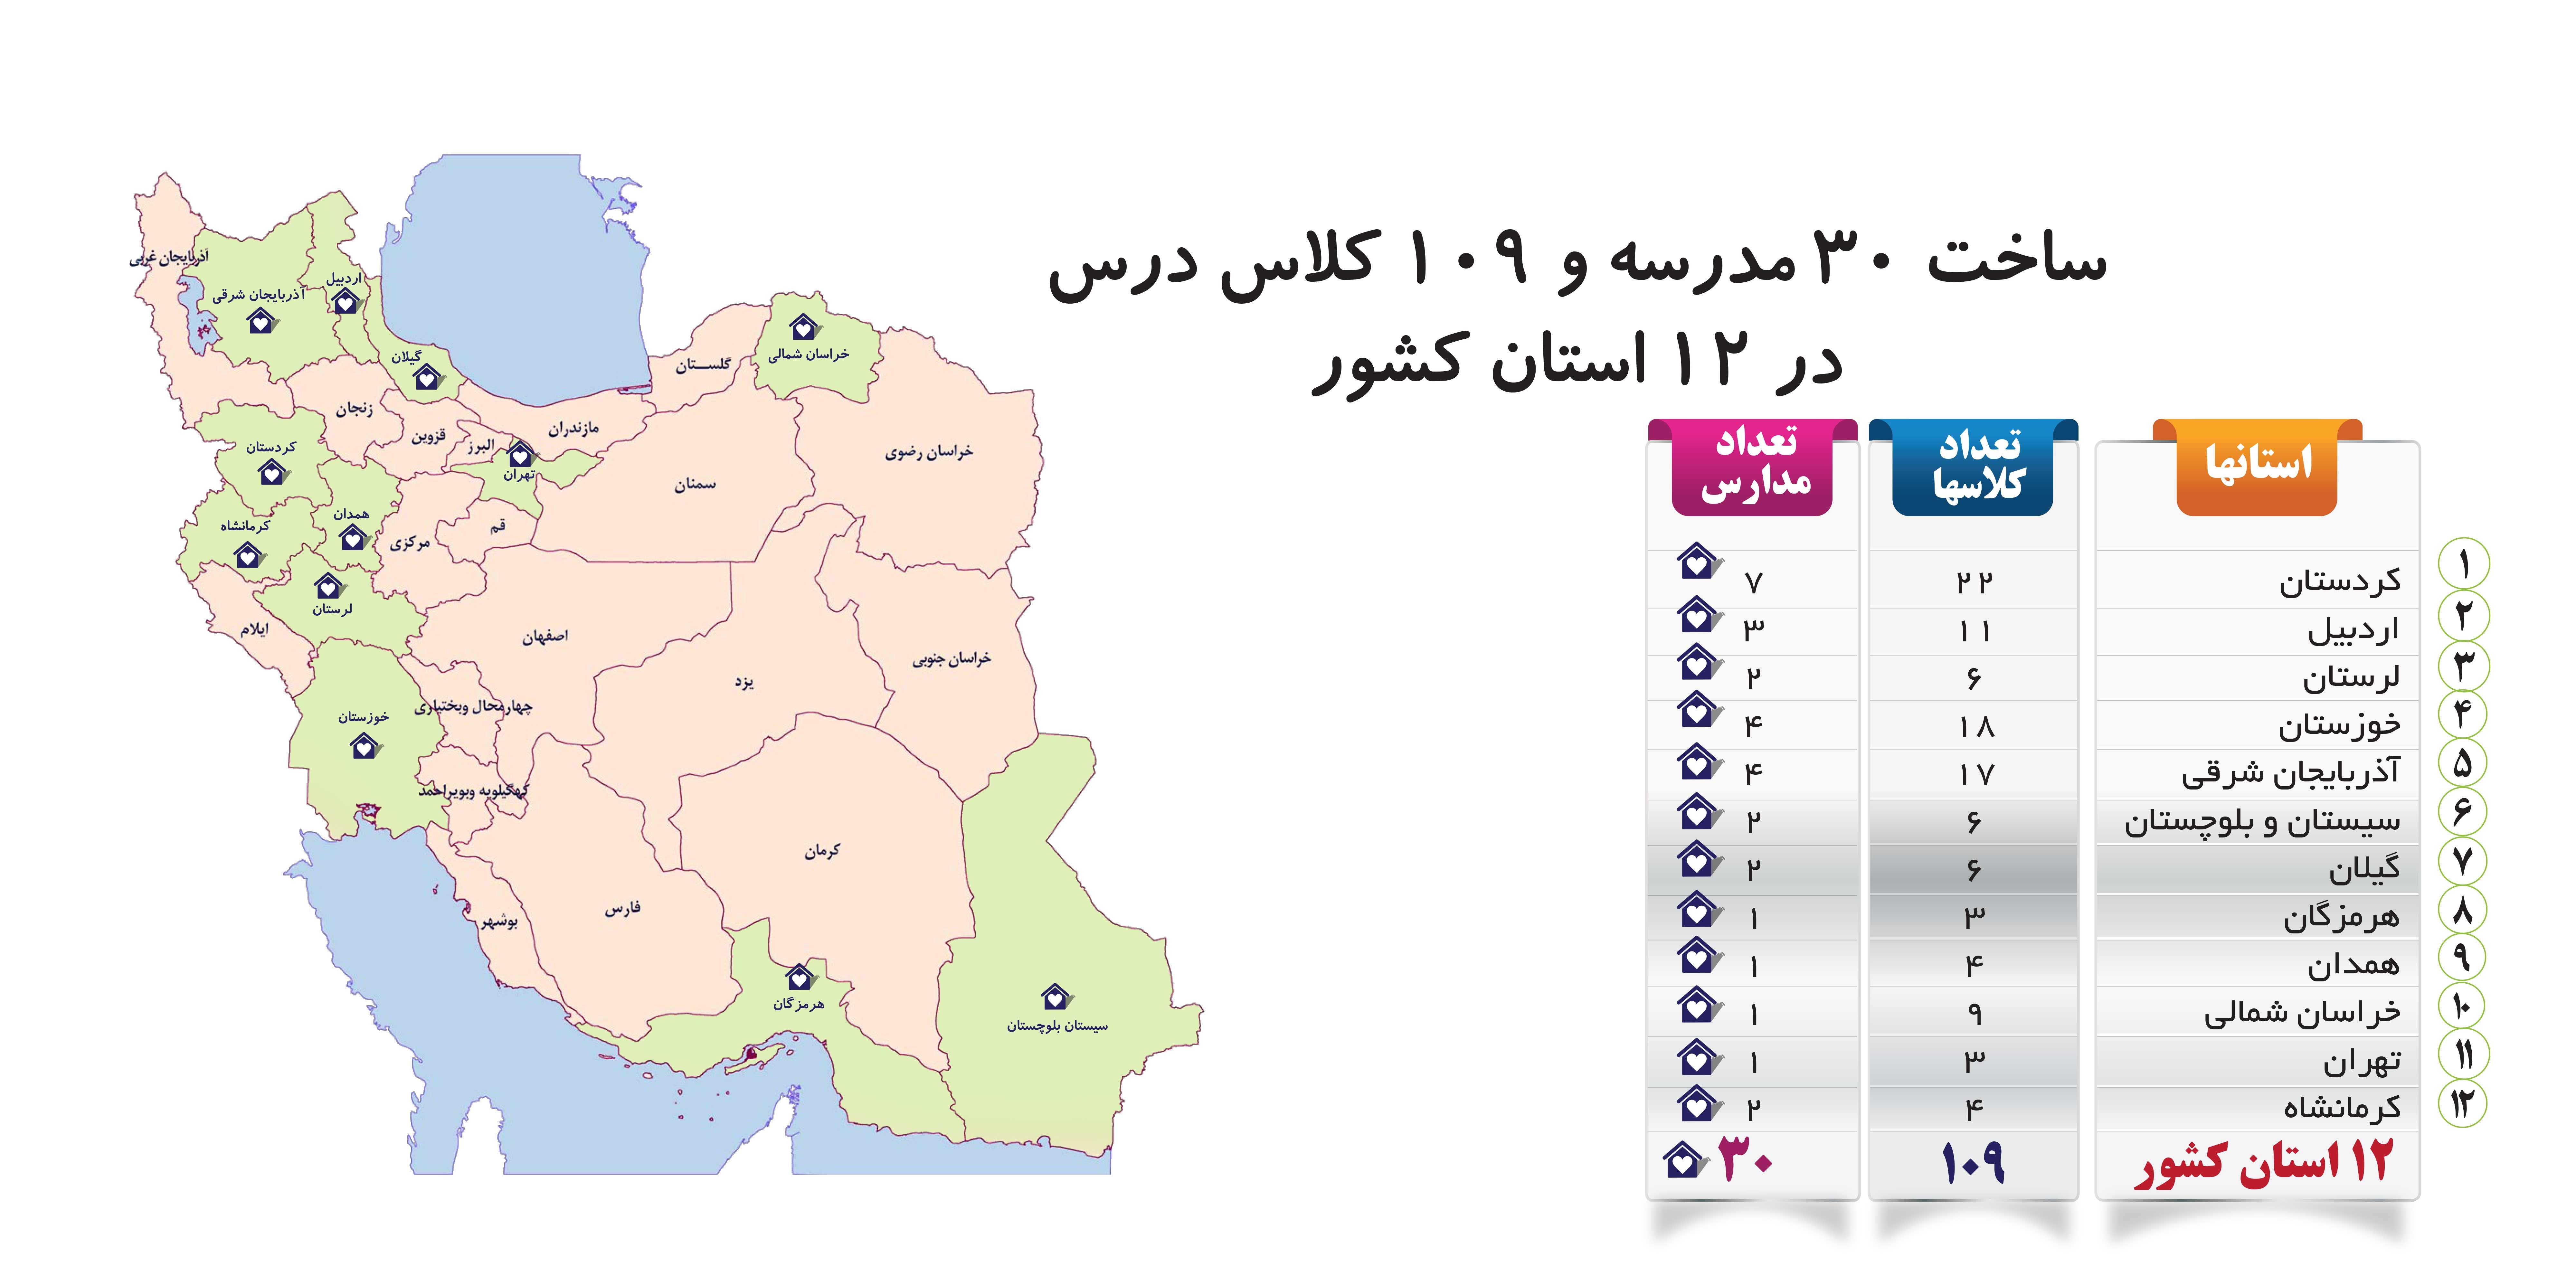 موسسه خیریه نیک گامان جمشید تهران